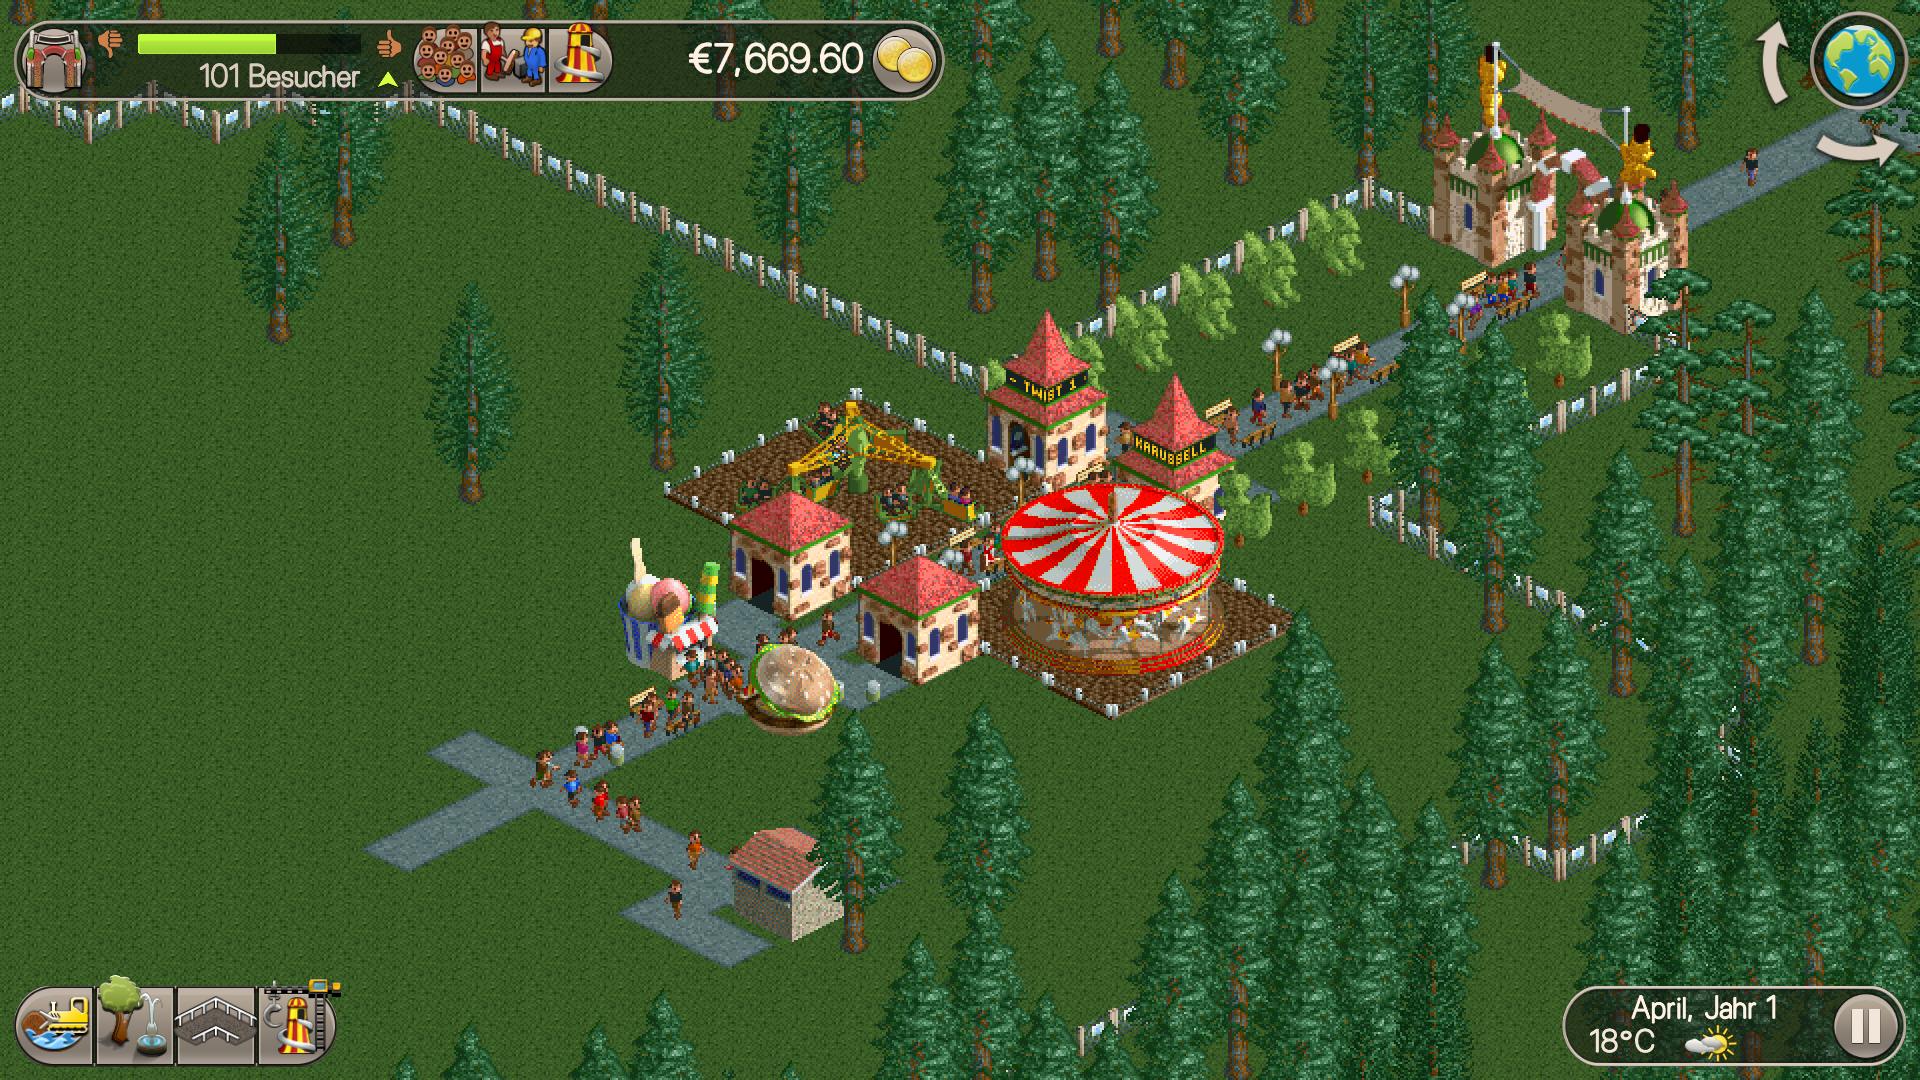 RollerCoaster Tycoon Classic für Android und iOS veröffentlicht